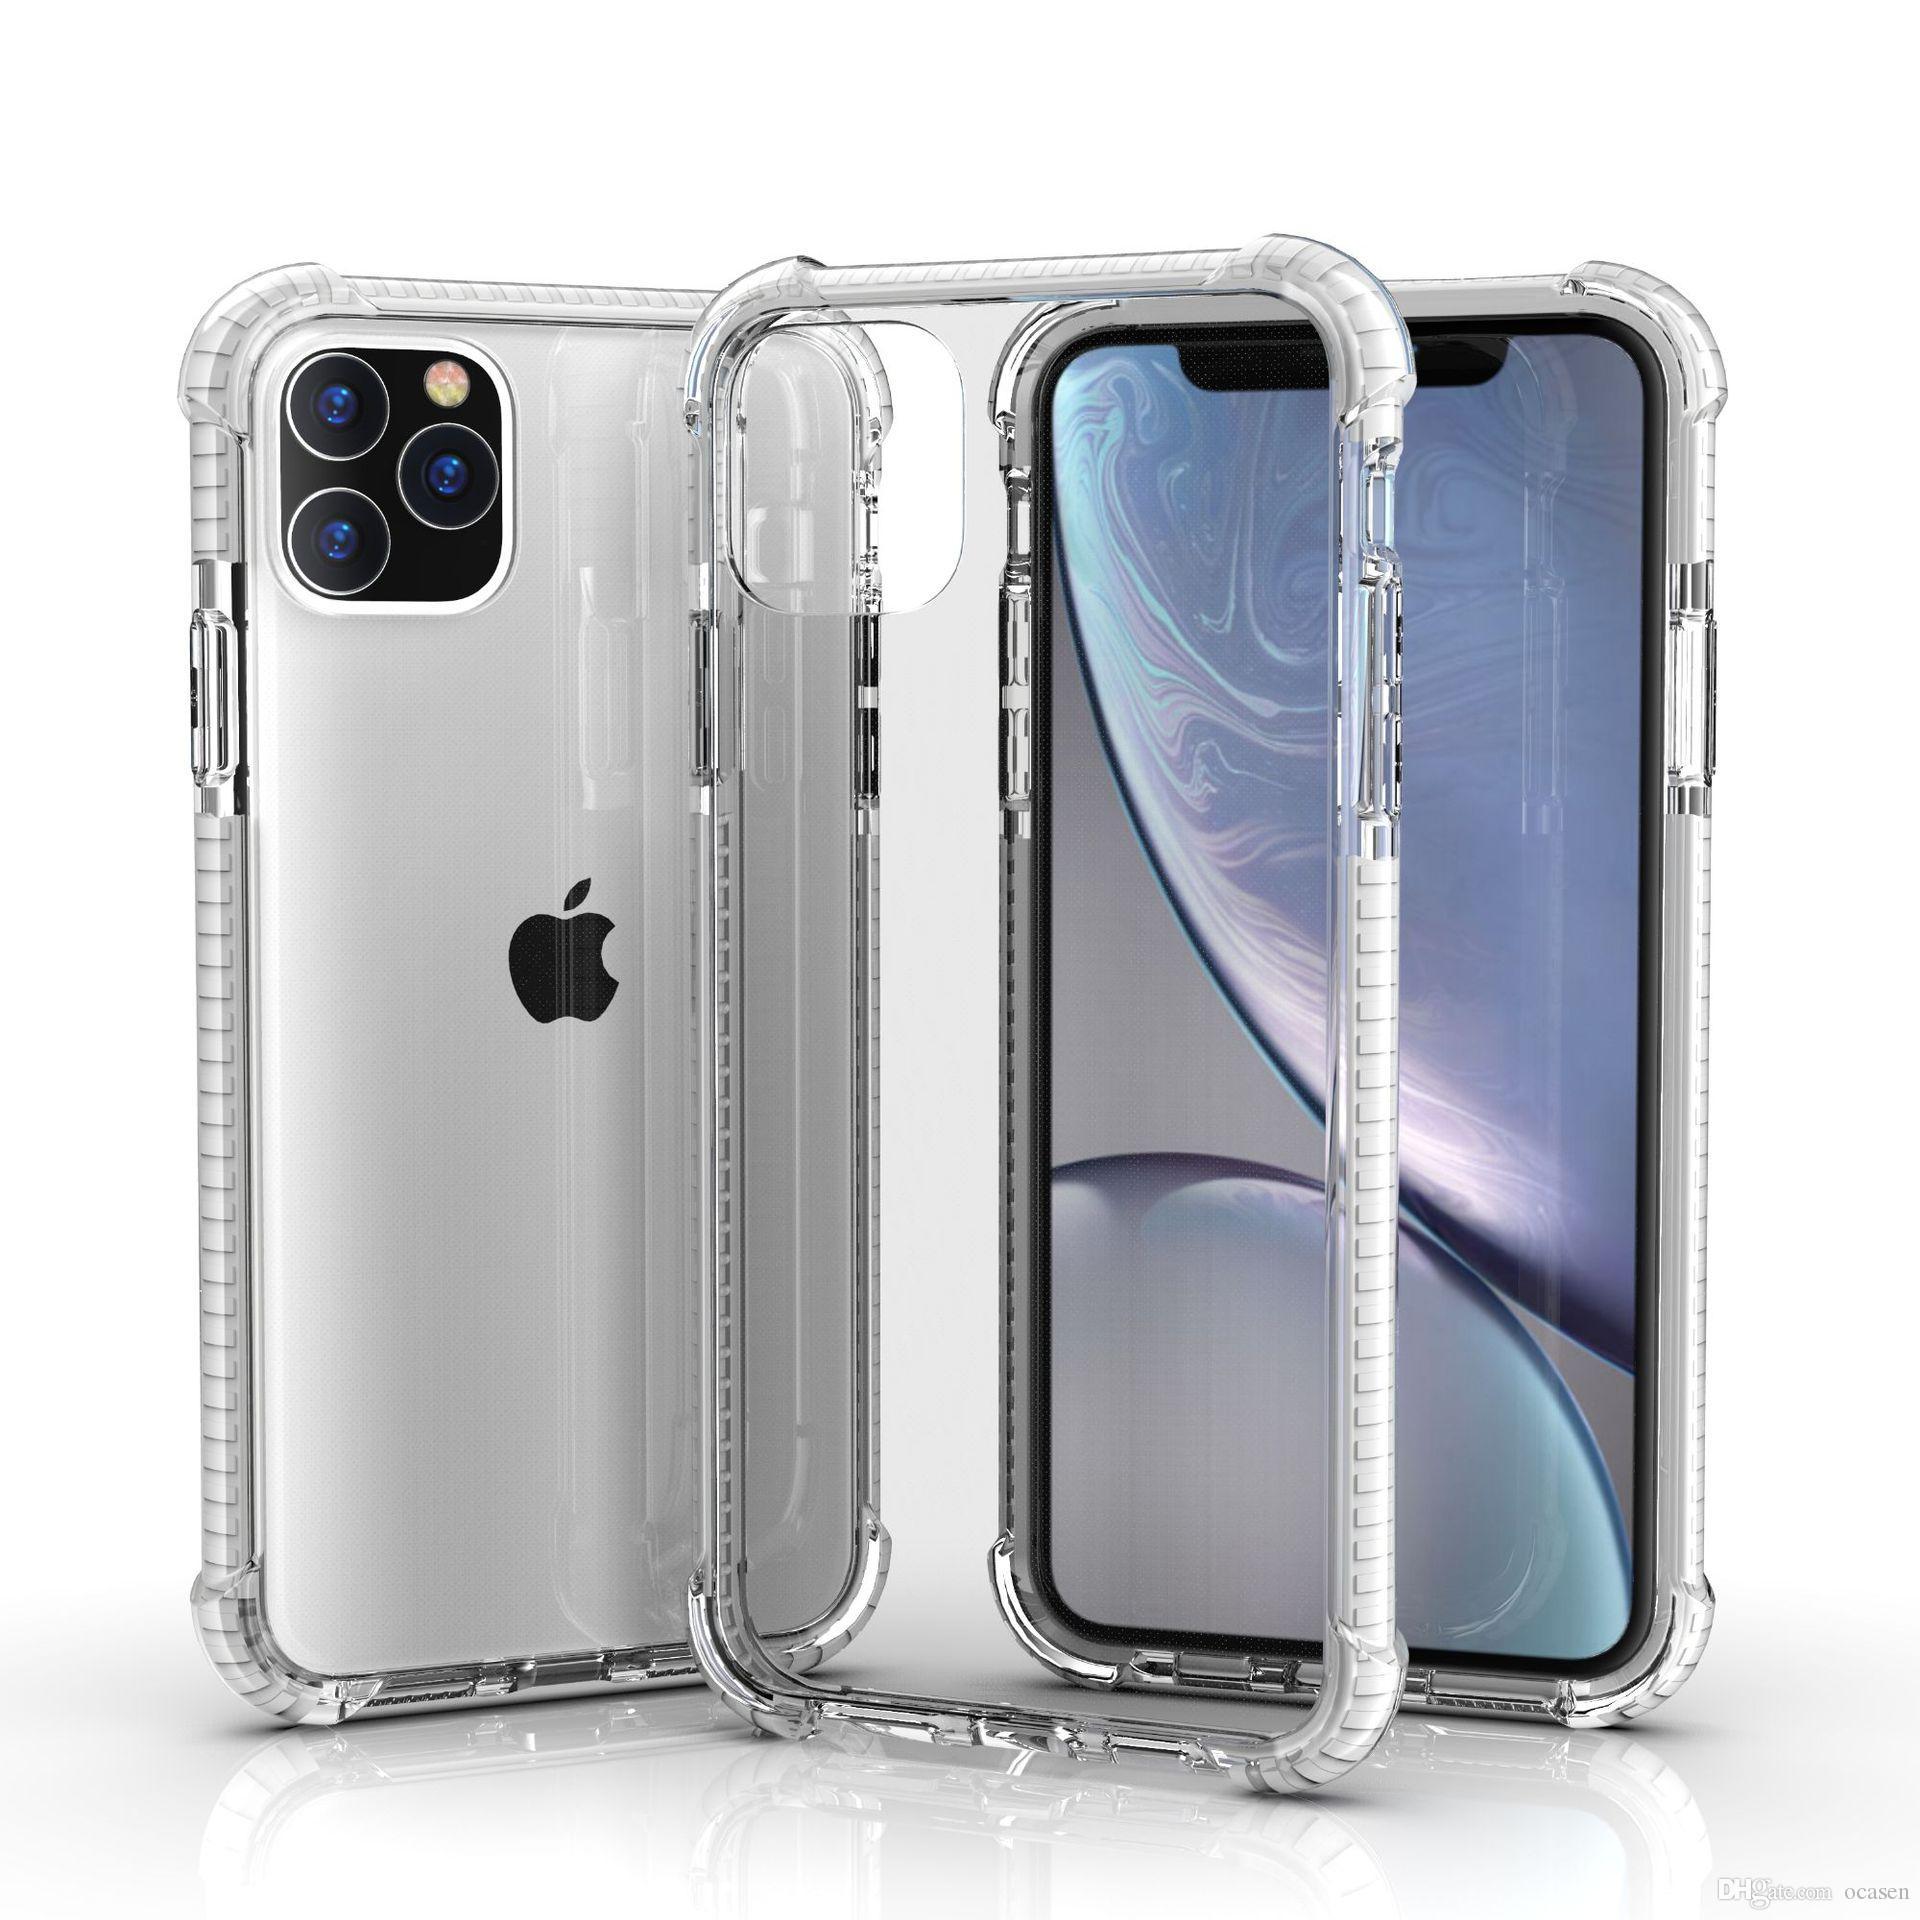 A prueba de golpes híbridos duales Colores transparente de TPU Acrílico cubierta del estuche rígido para el iPhone 11 Pro XS MAX XR 6 7 8 Plus